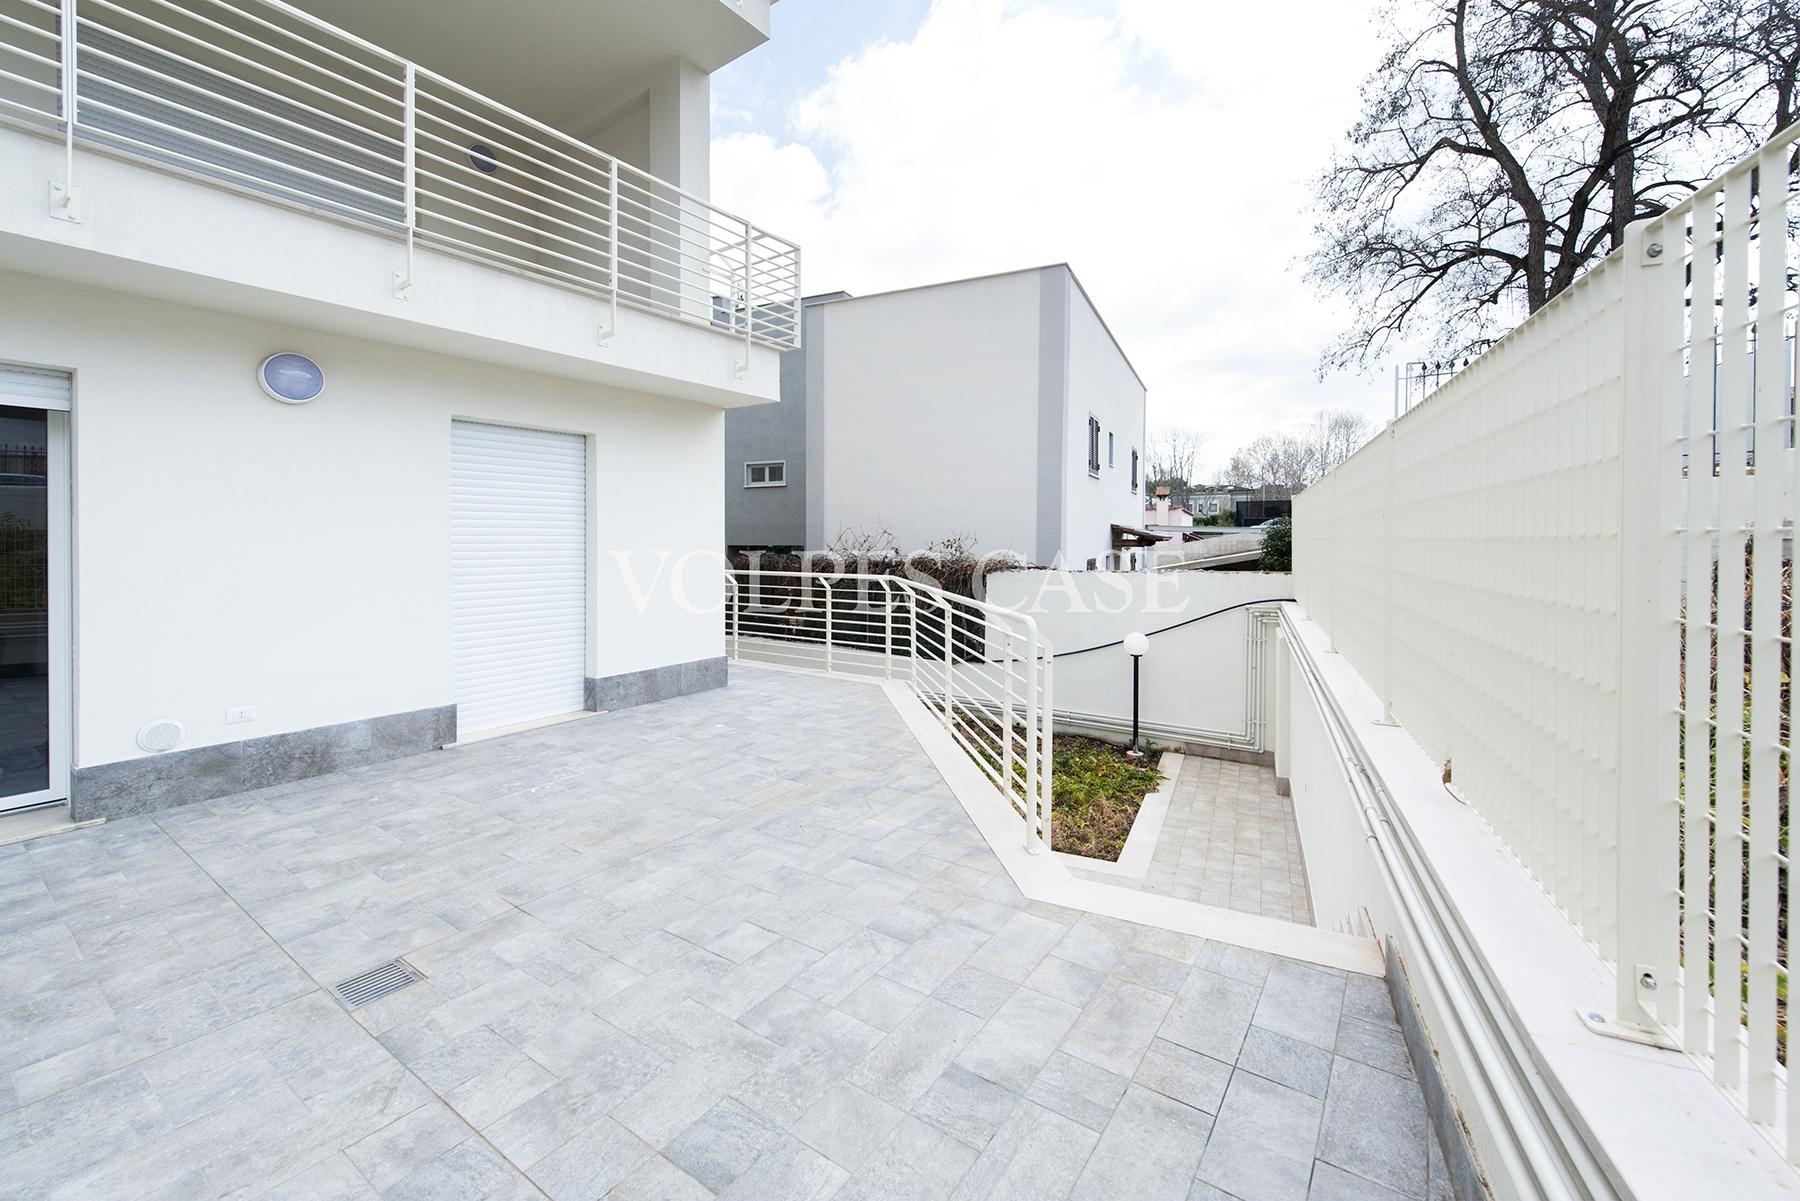 Appartamento in affitto a roma cod v45 3467 for Appartamento affitto arredato roma